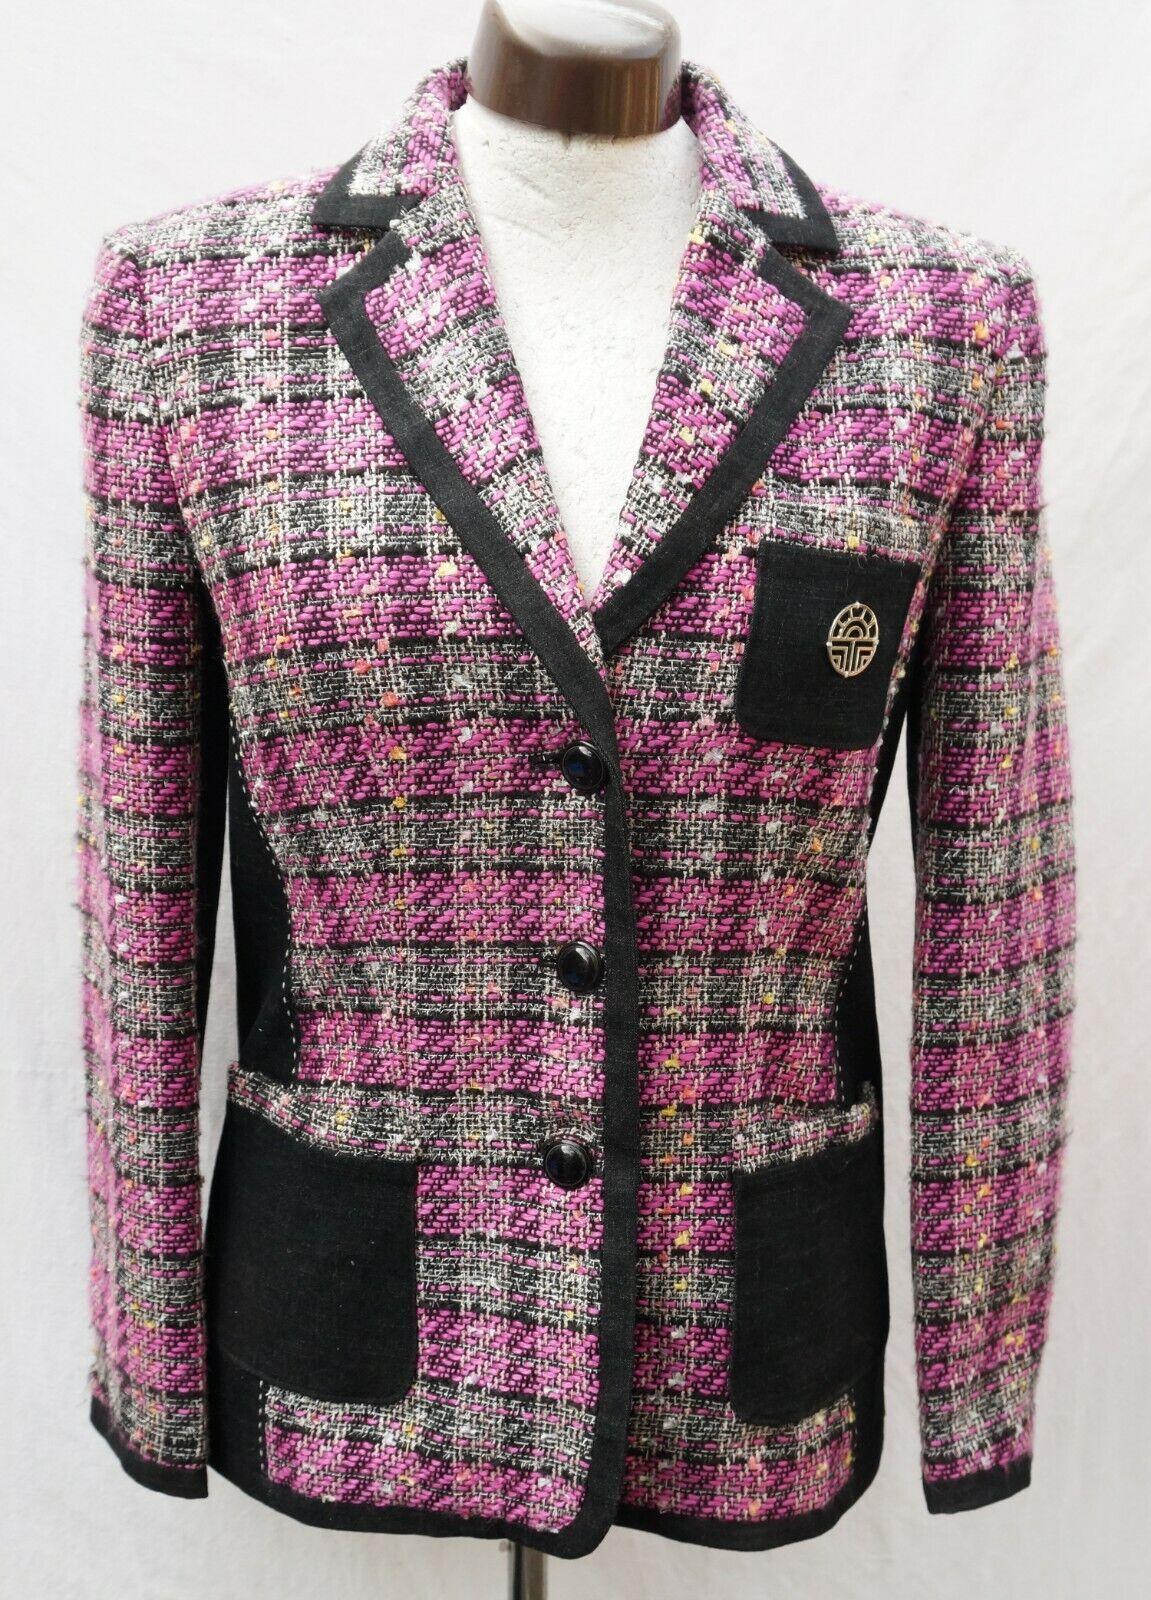 Couture Luxus Blazer Feraud Club 36 | Neue Sorten Sorten Sorten werden eingeführt  | Deutsche Outlets  | Große Auswahl  370a32